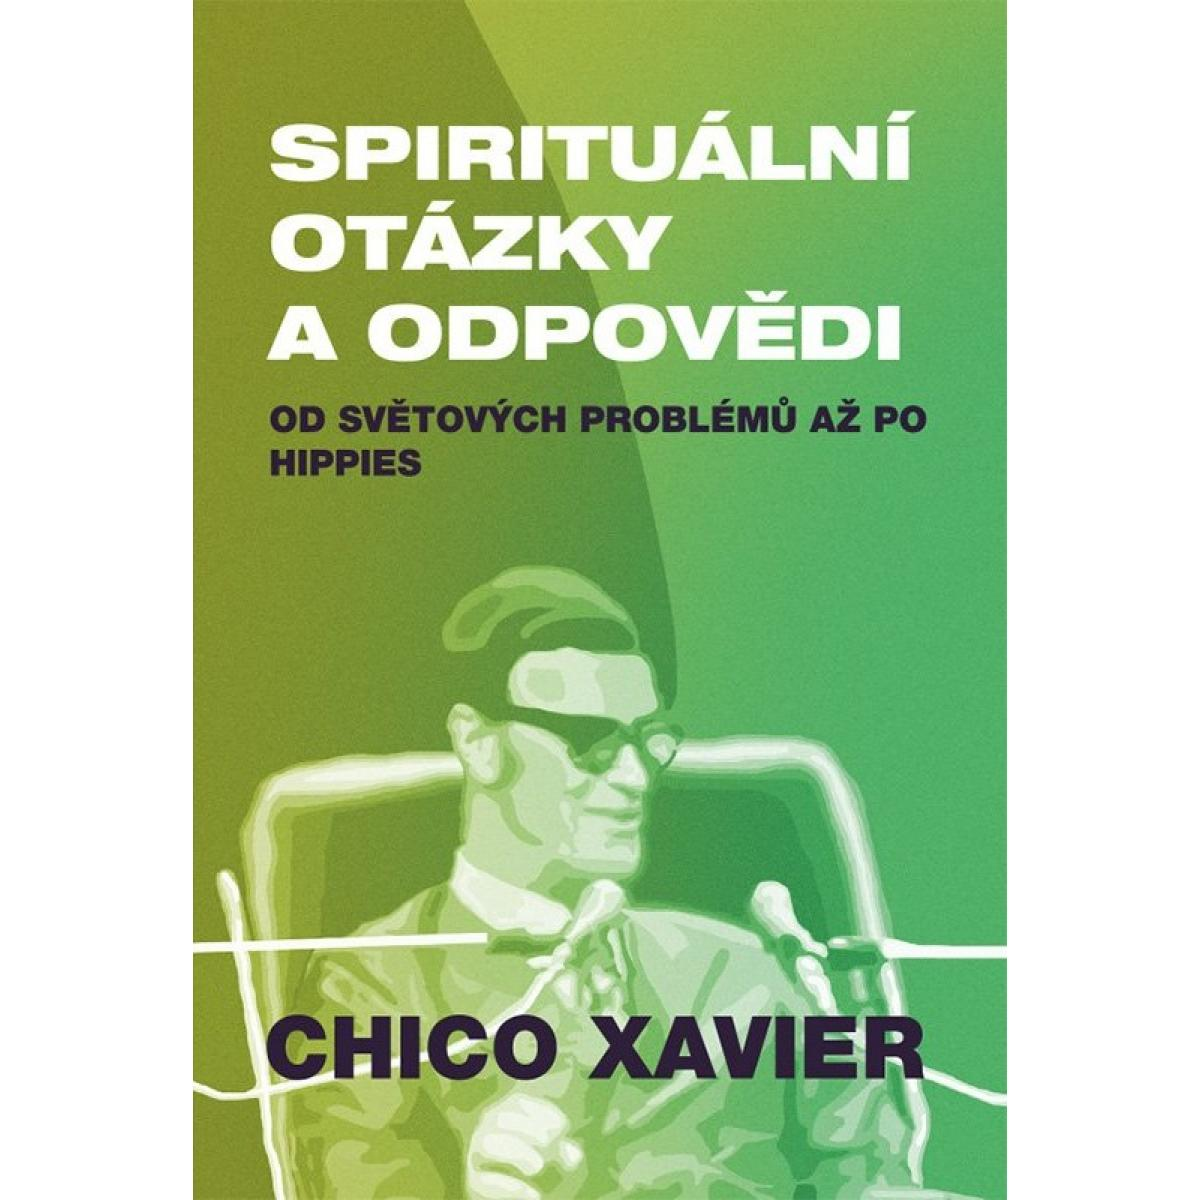 Spirituální otázky a odpovědi - Chico Xavier